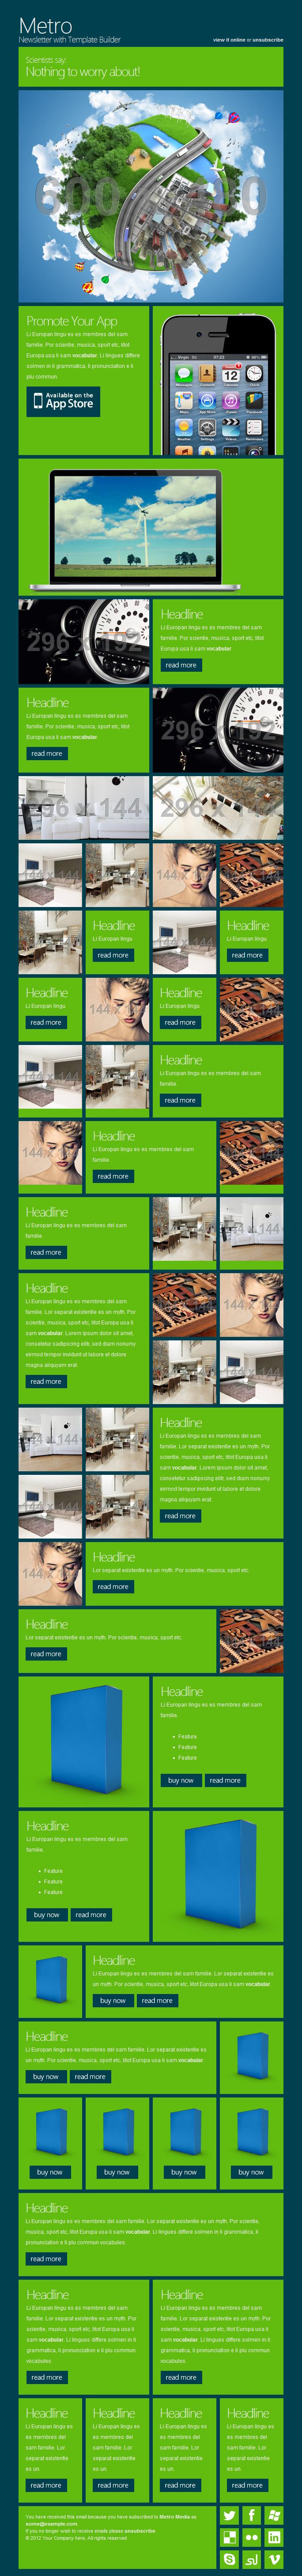 http://3.s3.envato.com/files/46892245/02_metro-newsletter-with-template-builder-v01.jpg